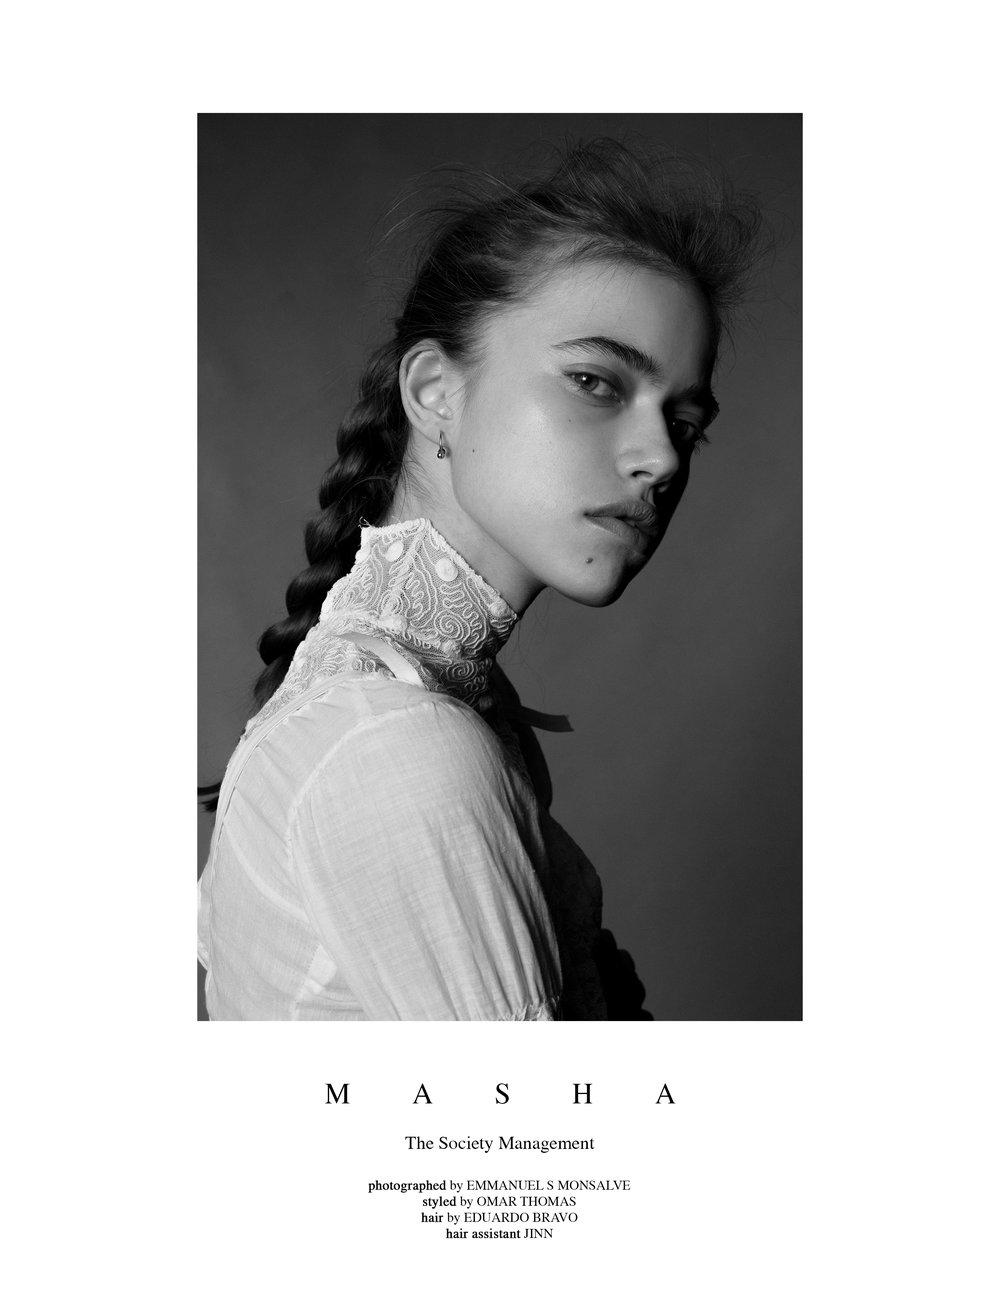 Masha at The Society